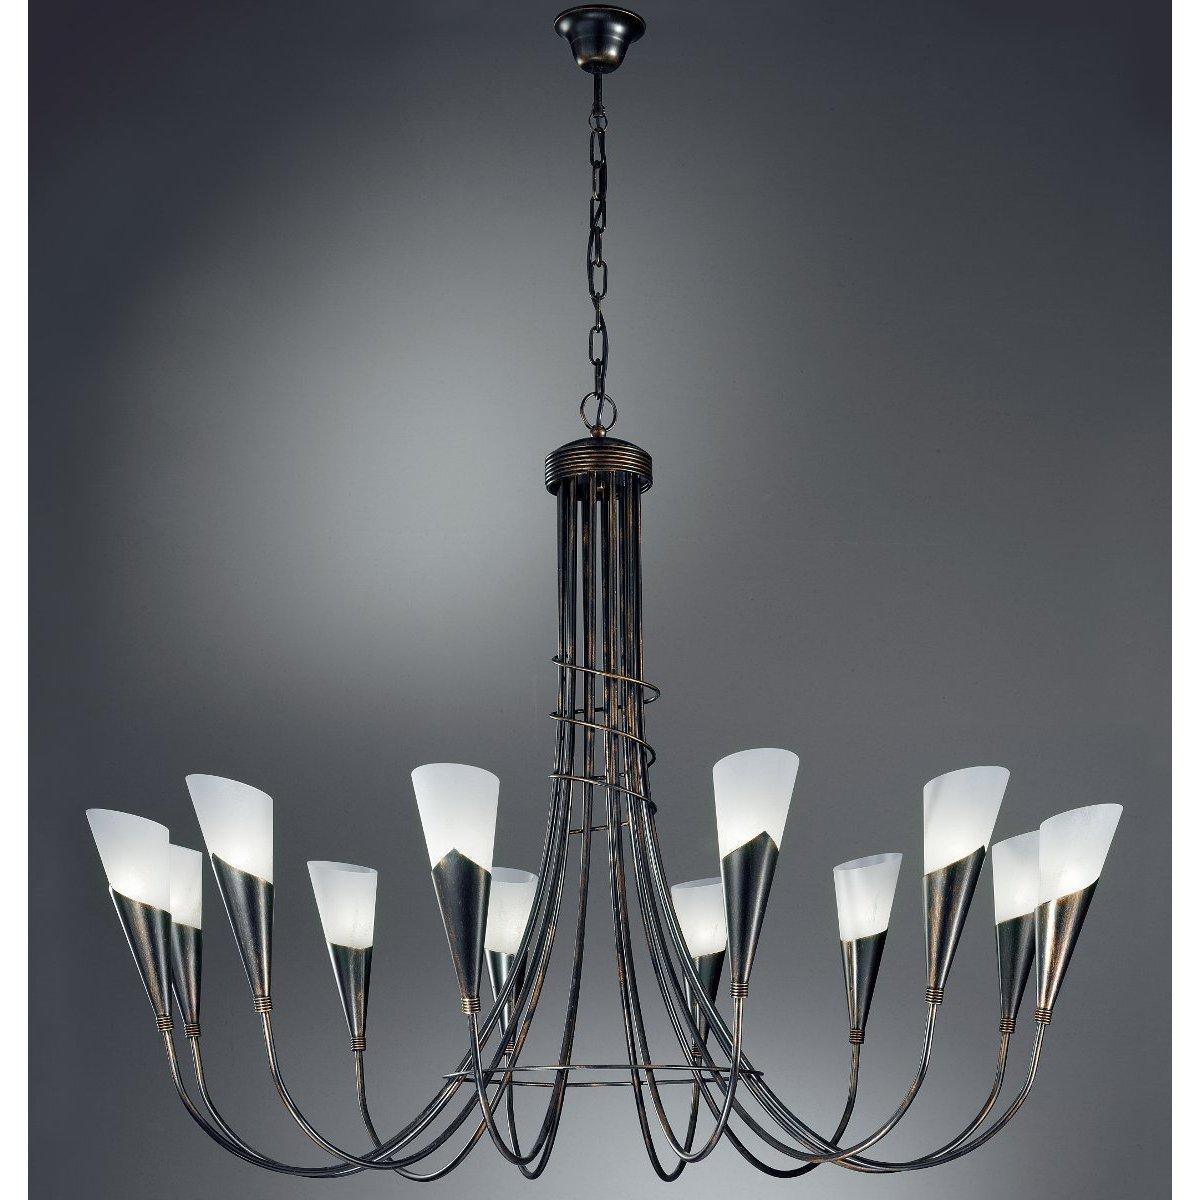 kronleuchter in schwarz oder kronleuchter in silber mit glasschirmen g nstig kaufen bei lampen. Black Bedroom Furniture Sets. Home Design Ideas